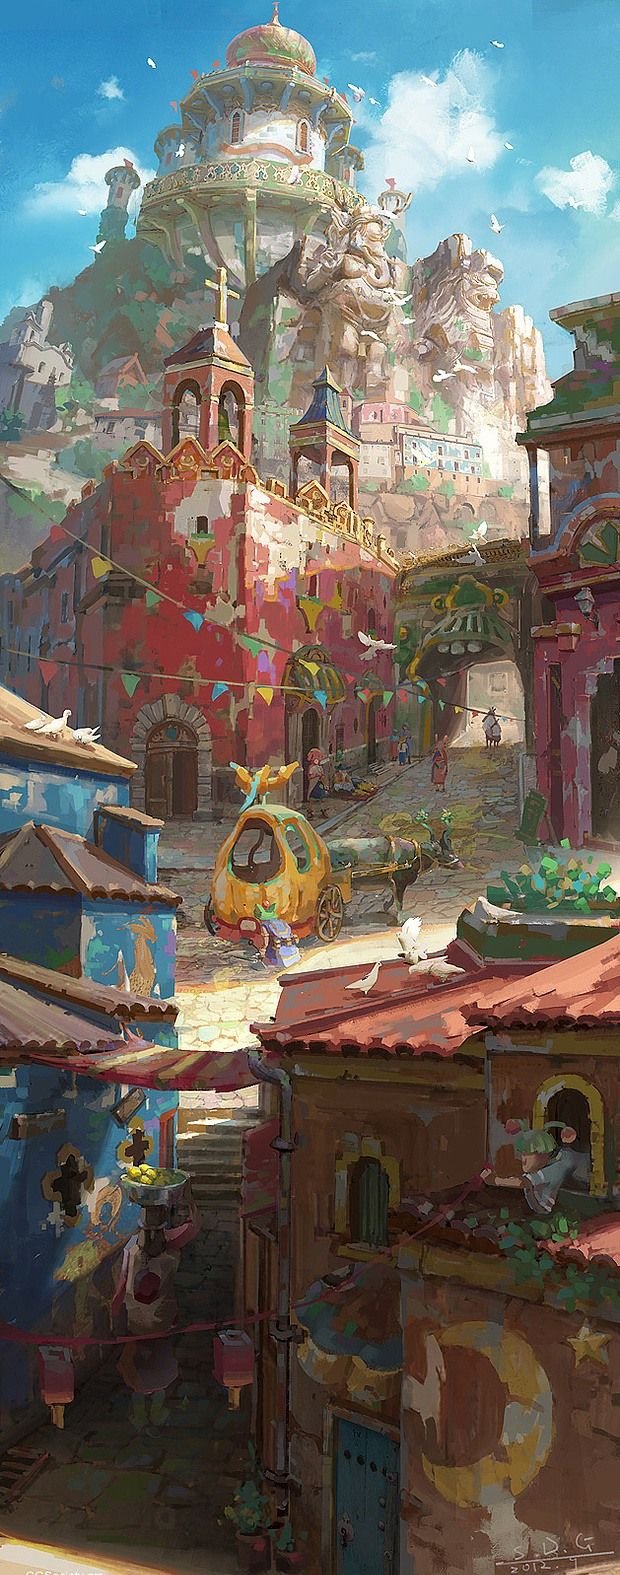 Conception d'un Art ...LA PLACE D'UNE CITADELLE AUX MURS COLORÉS, désertée Art par Rui Wang